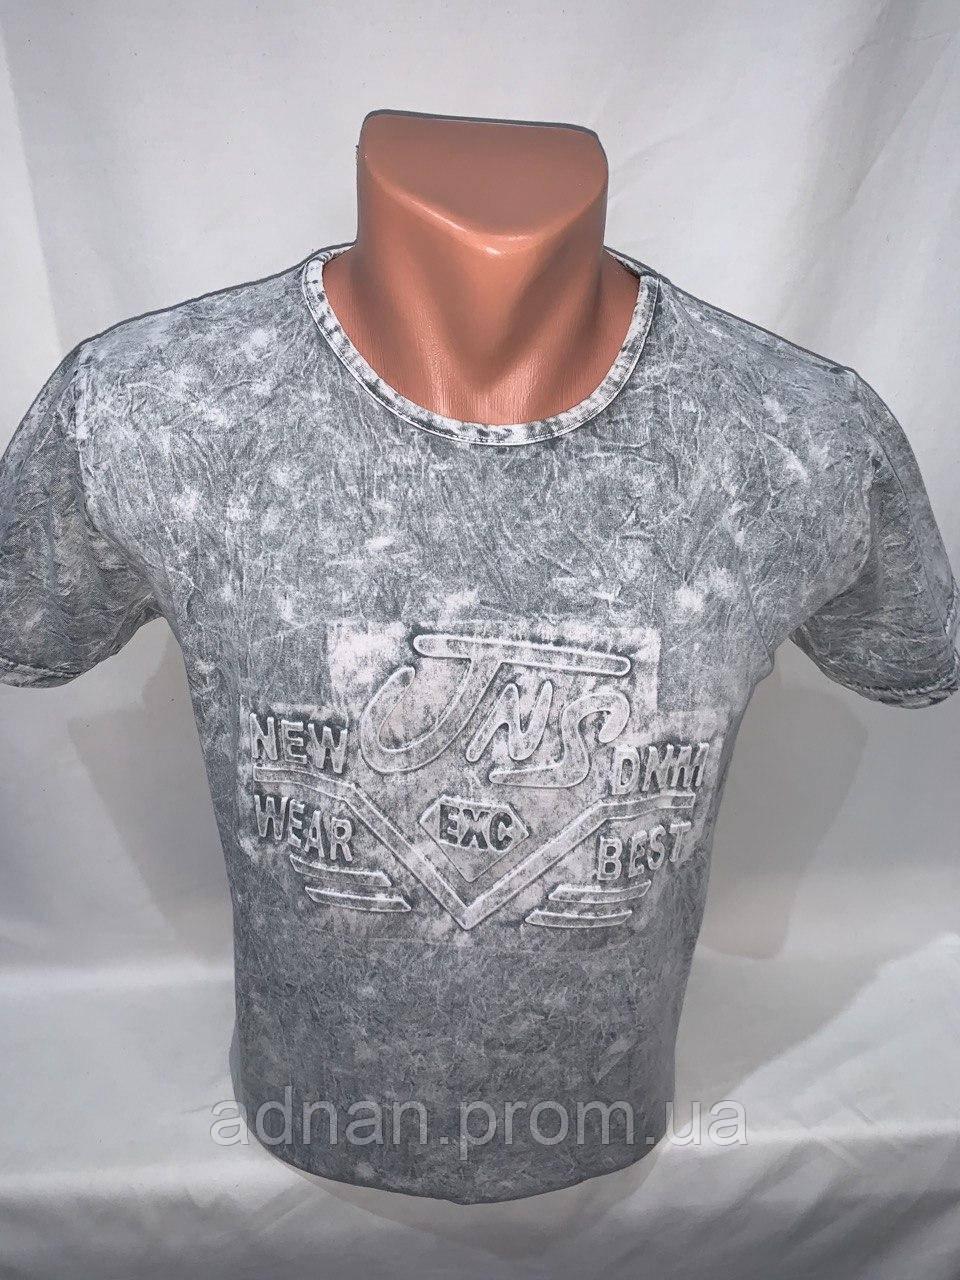 Футболка мужская варенка Regata, накатка стрейч коттон TNS 004 \ купить футболку мужскую оптом